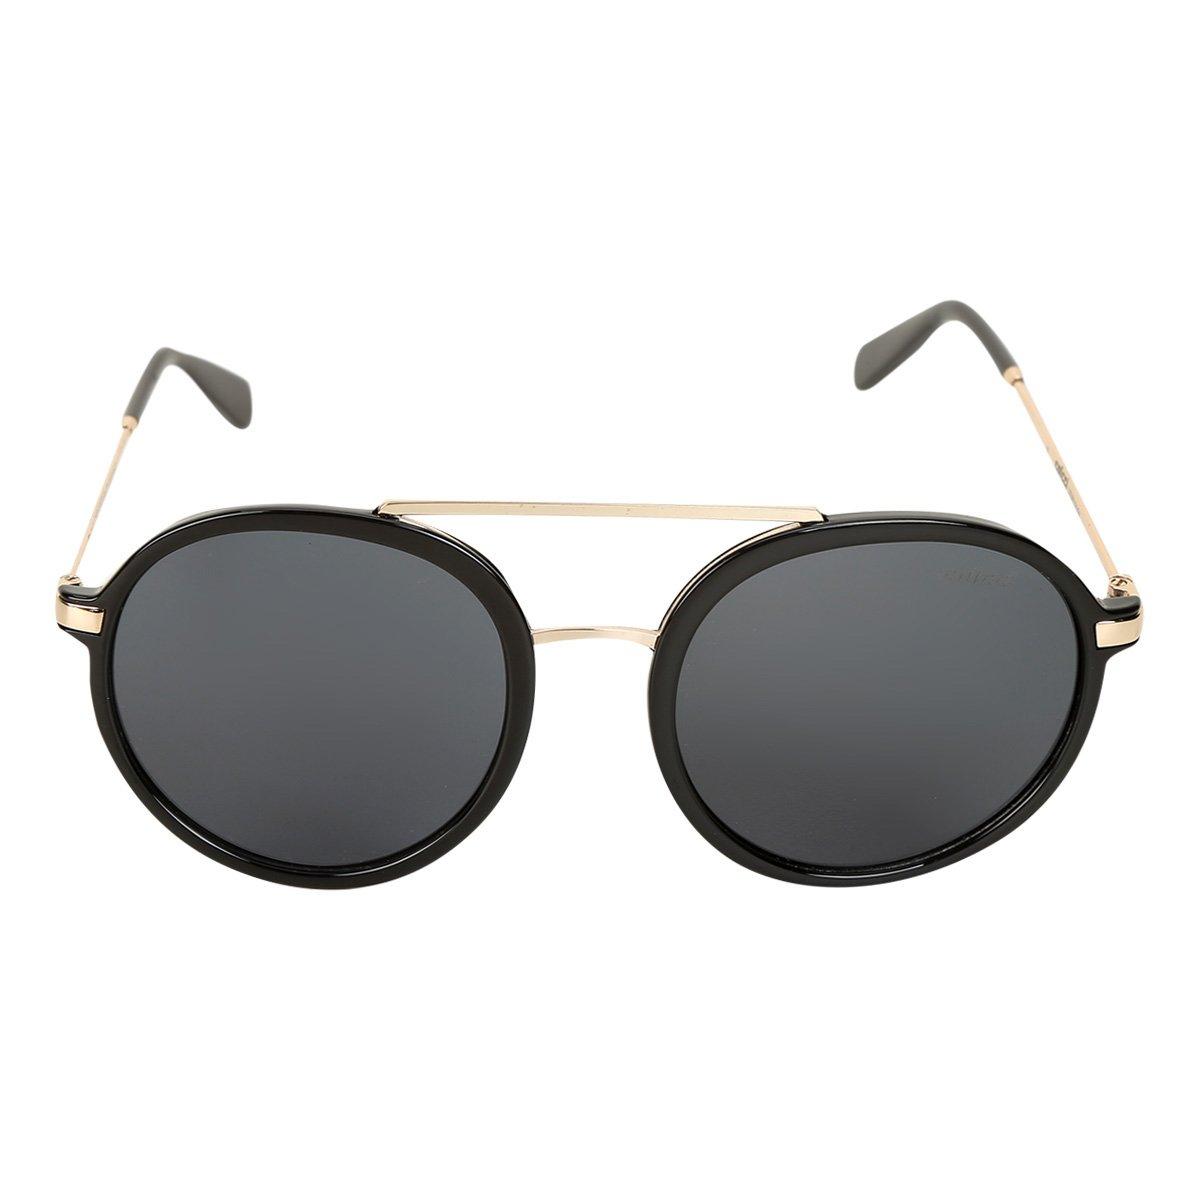 abdd4ad3e Óculos de Sol Colcci Redondo Cindy Brilho Feminino | Livelo -Sua ...